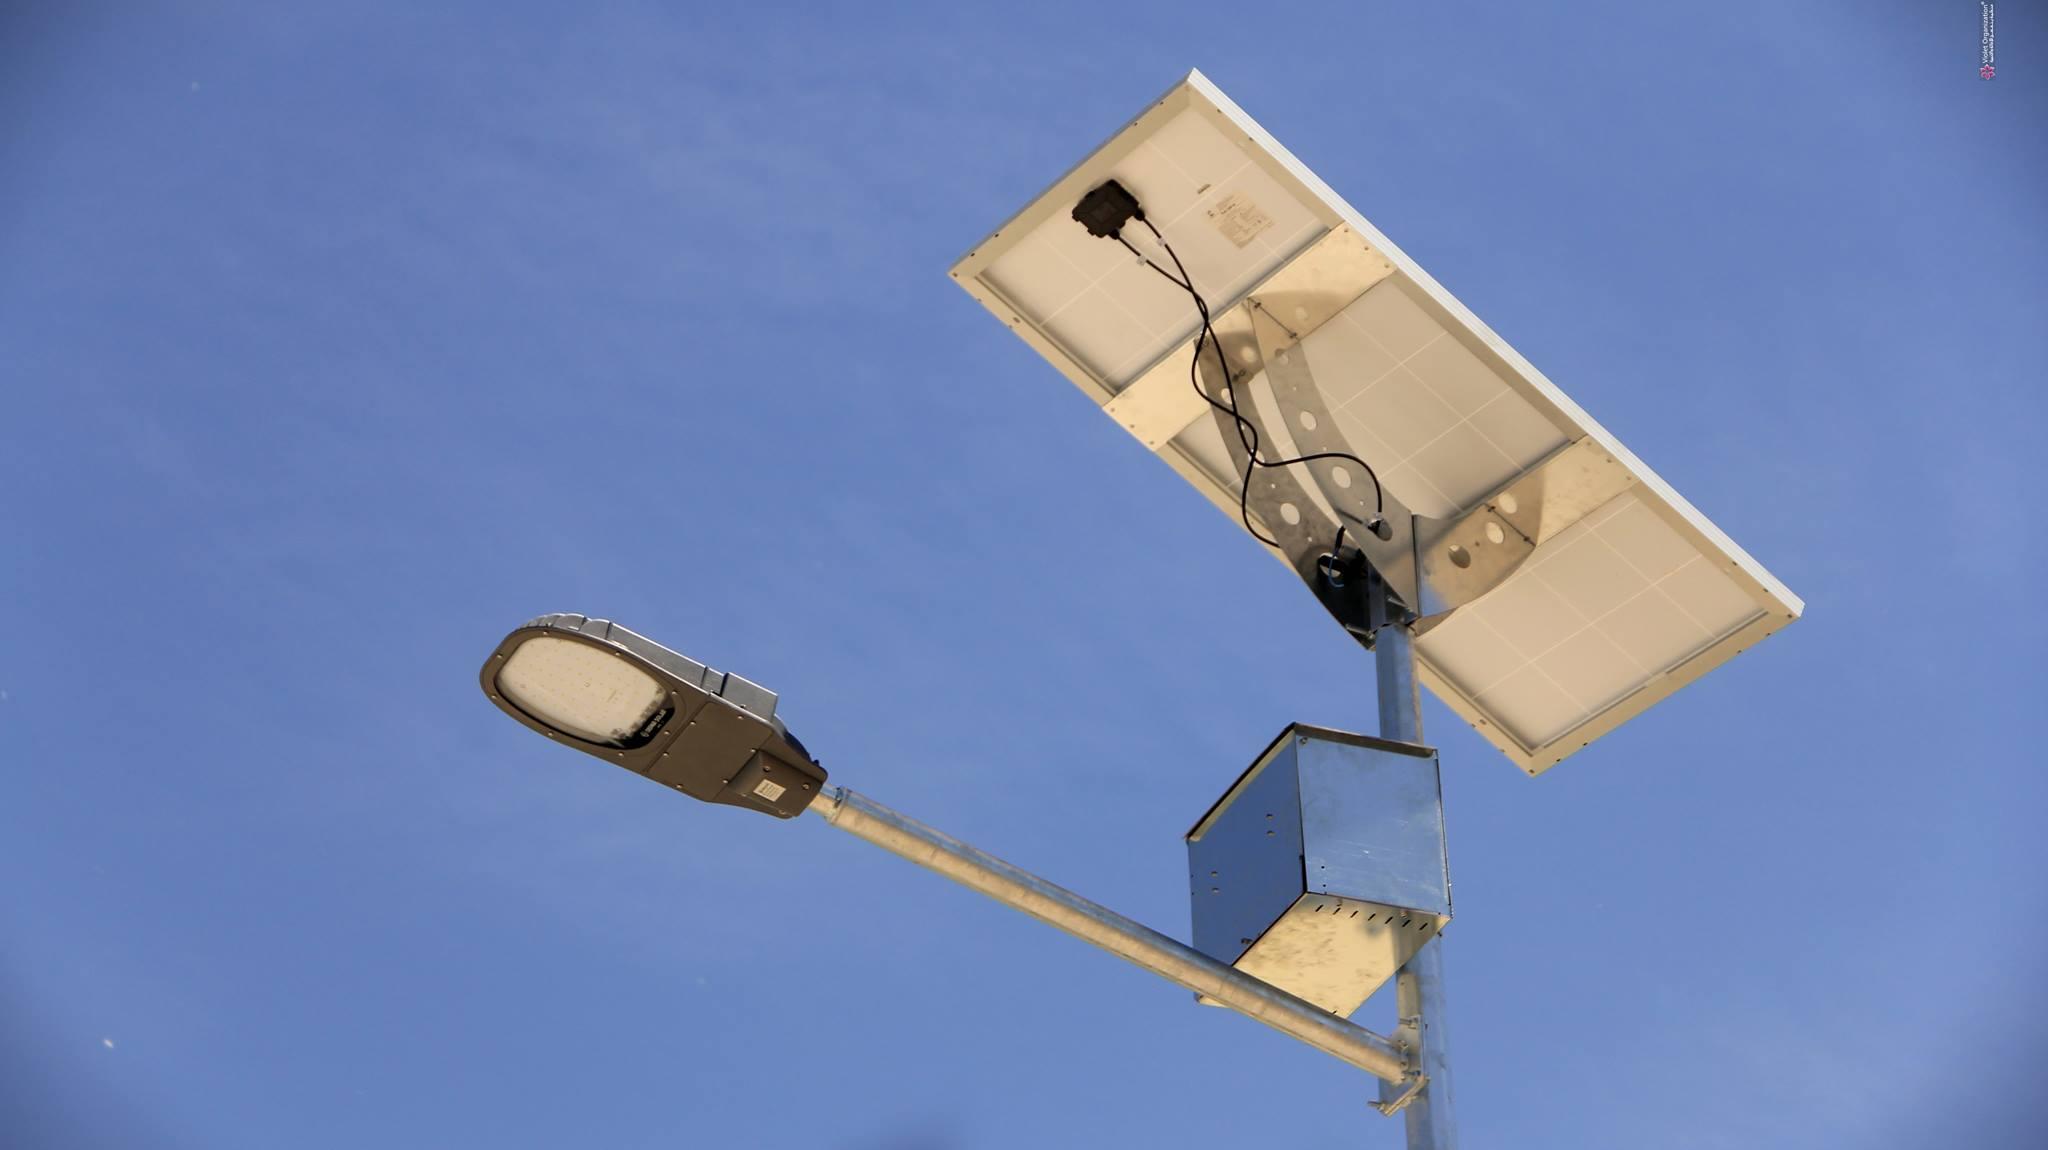 مطالب تصنيع آليات لصيانة أعمدة الإنارة عن طريق طاقة الشمس